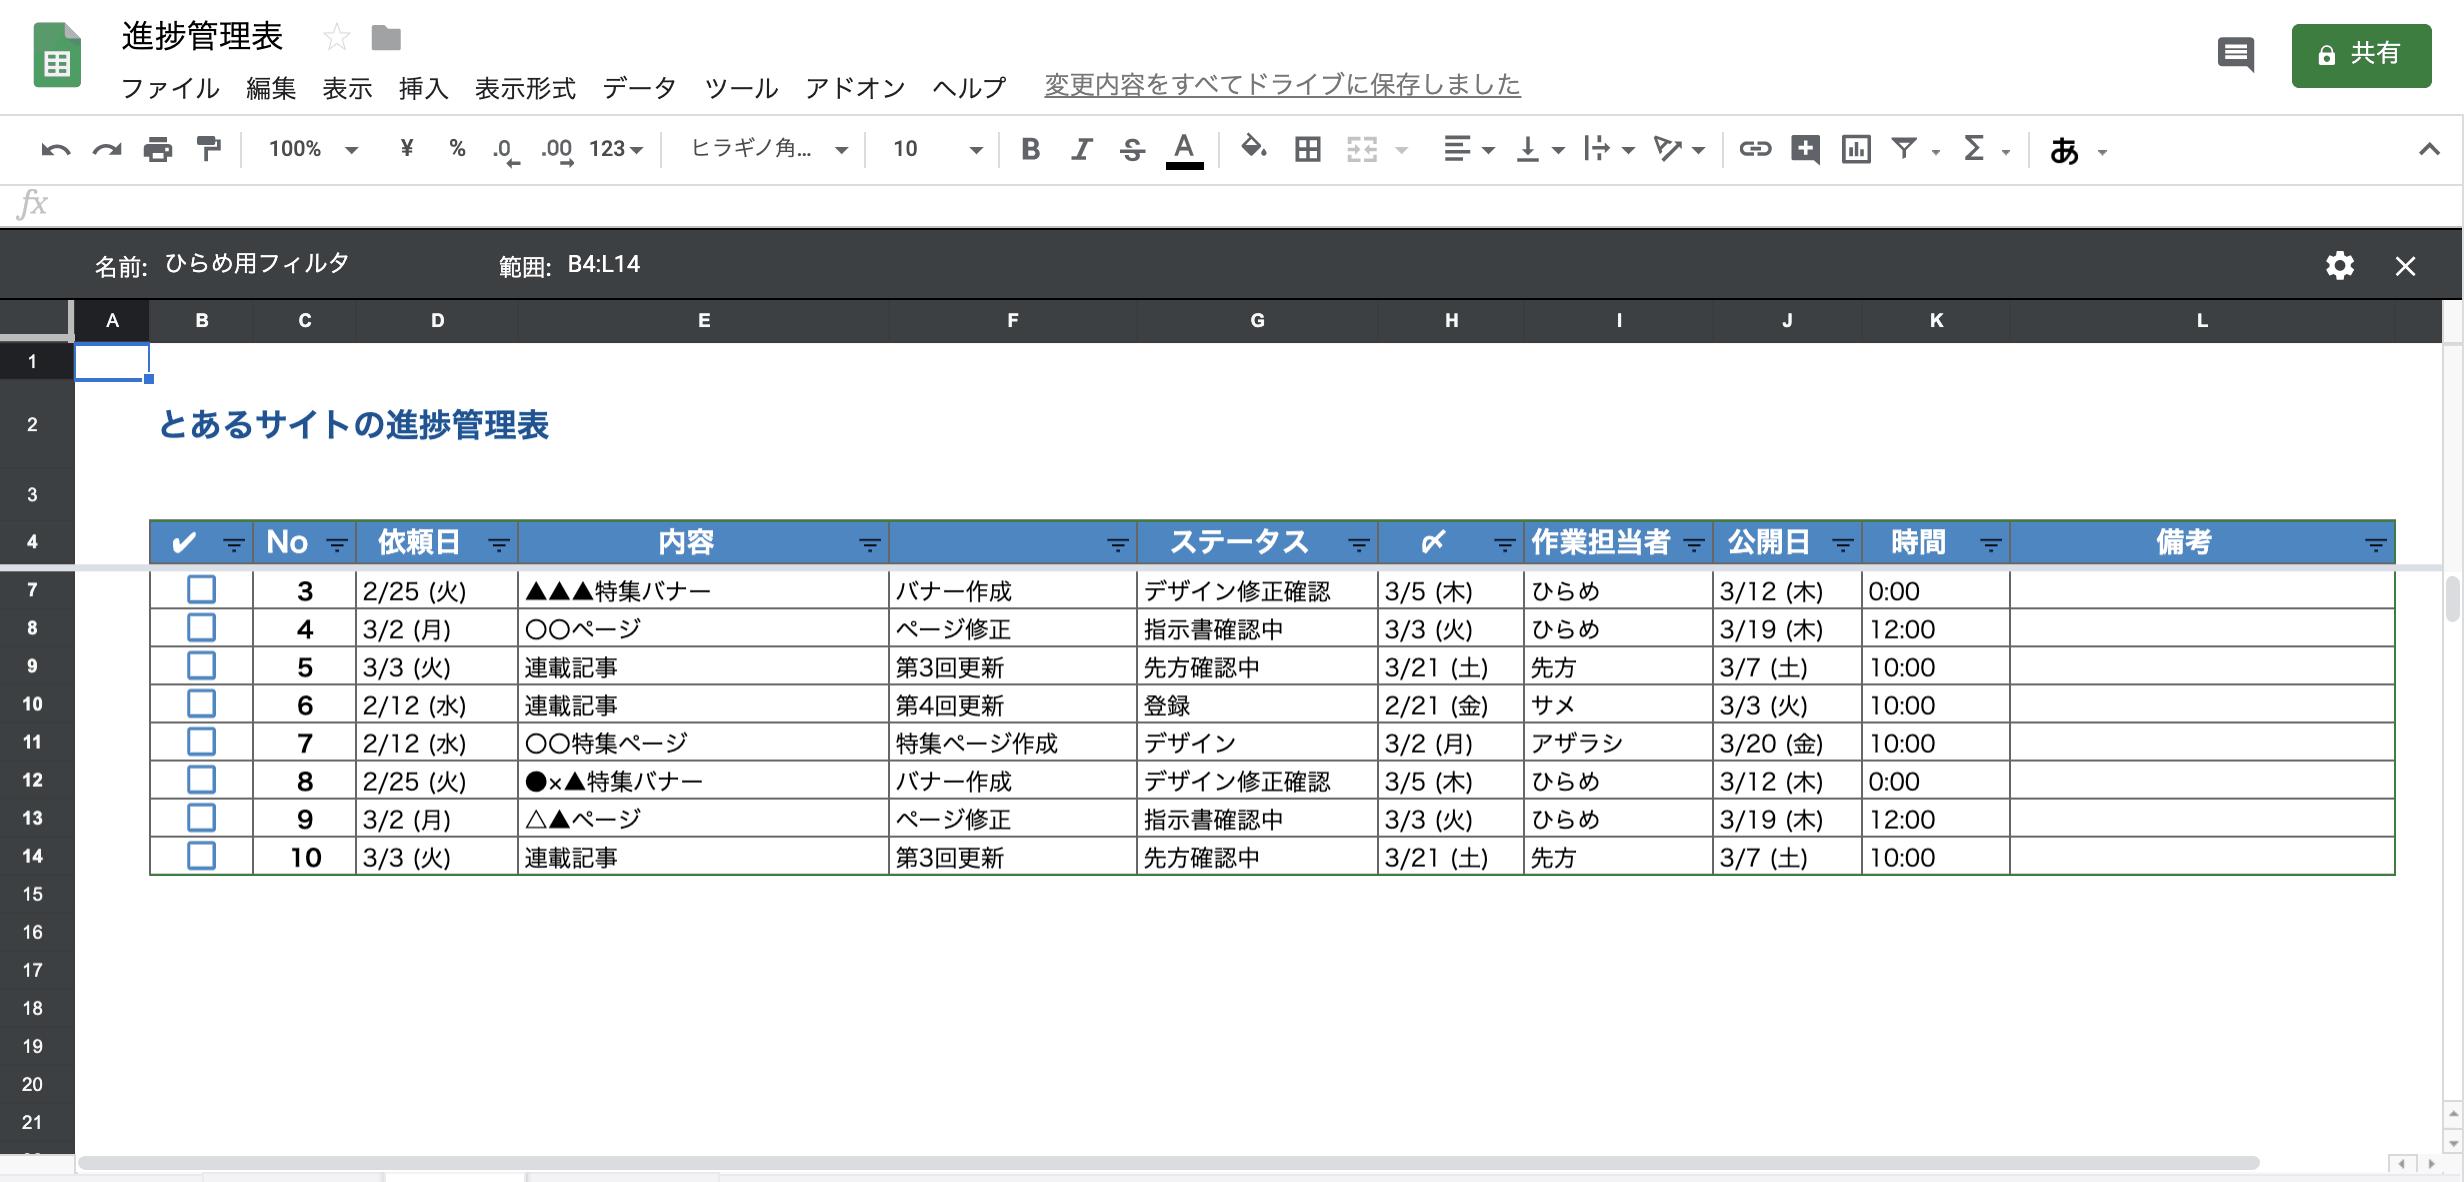 スクリーンショット 2020-03-04 11.23.53